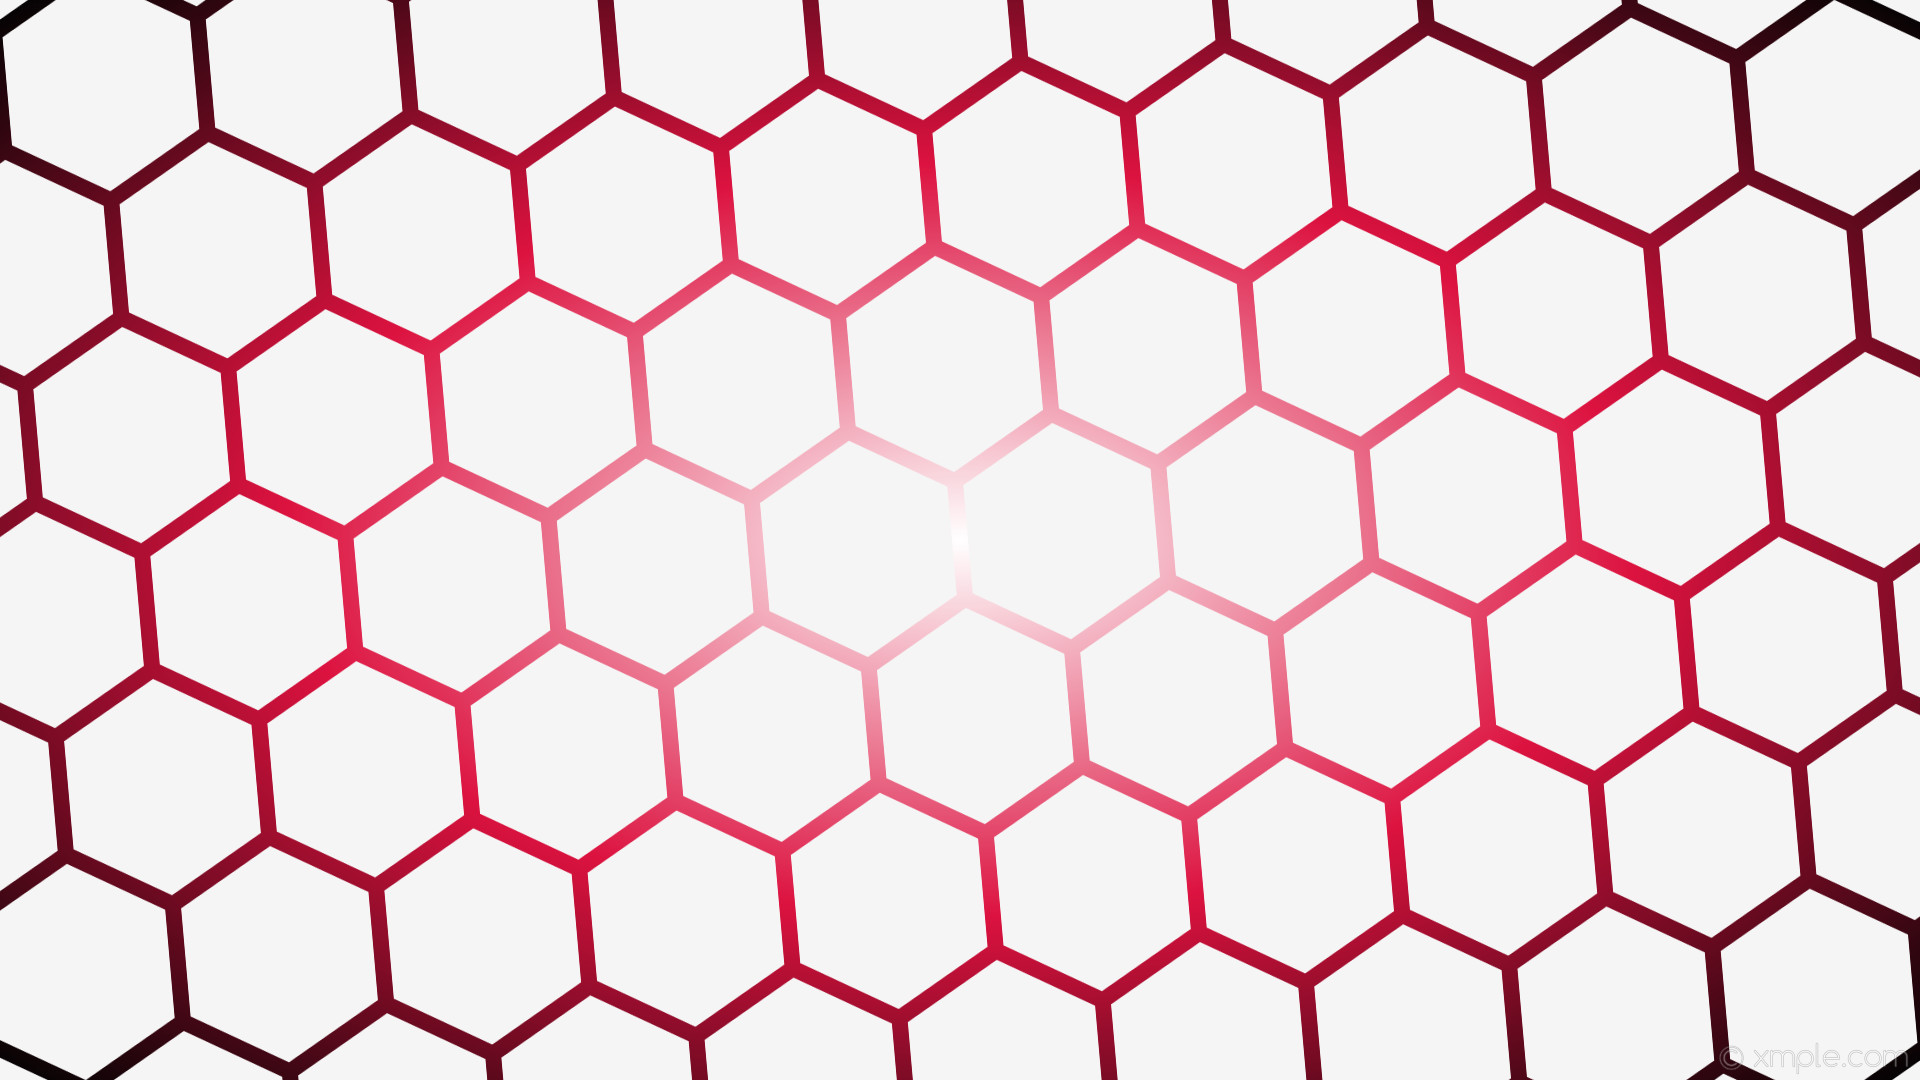 wallpaper black hexagon red white gradient glow white smoke #f5f5f5 #ffffff  #dc0f3d diagonal